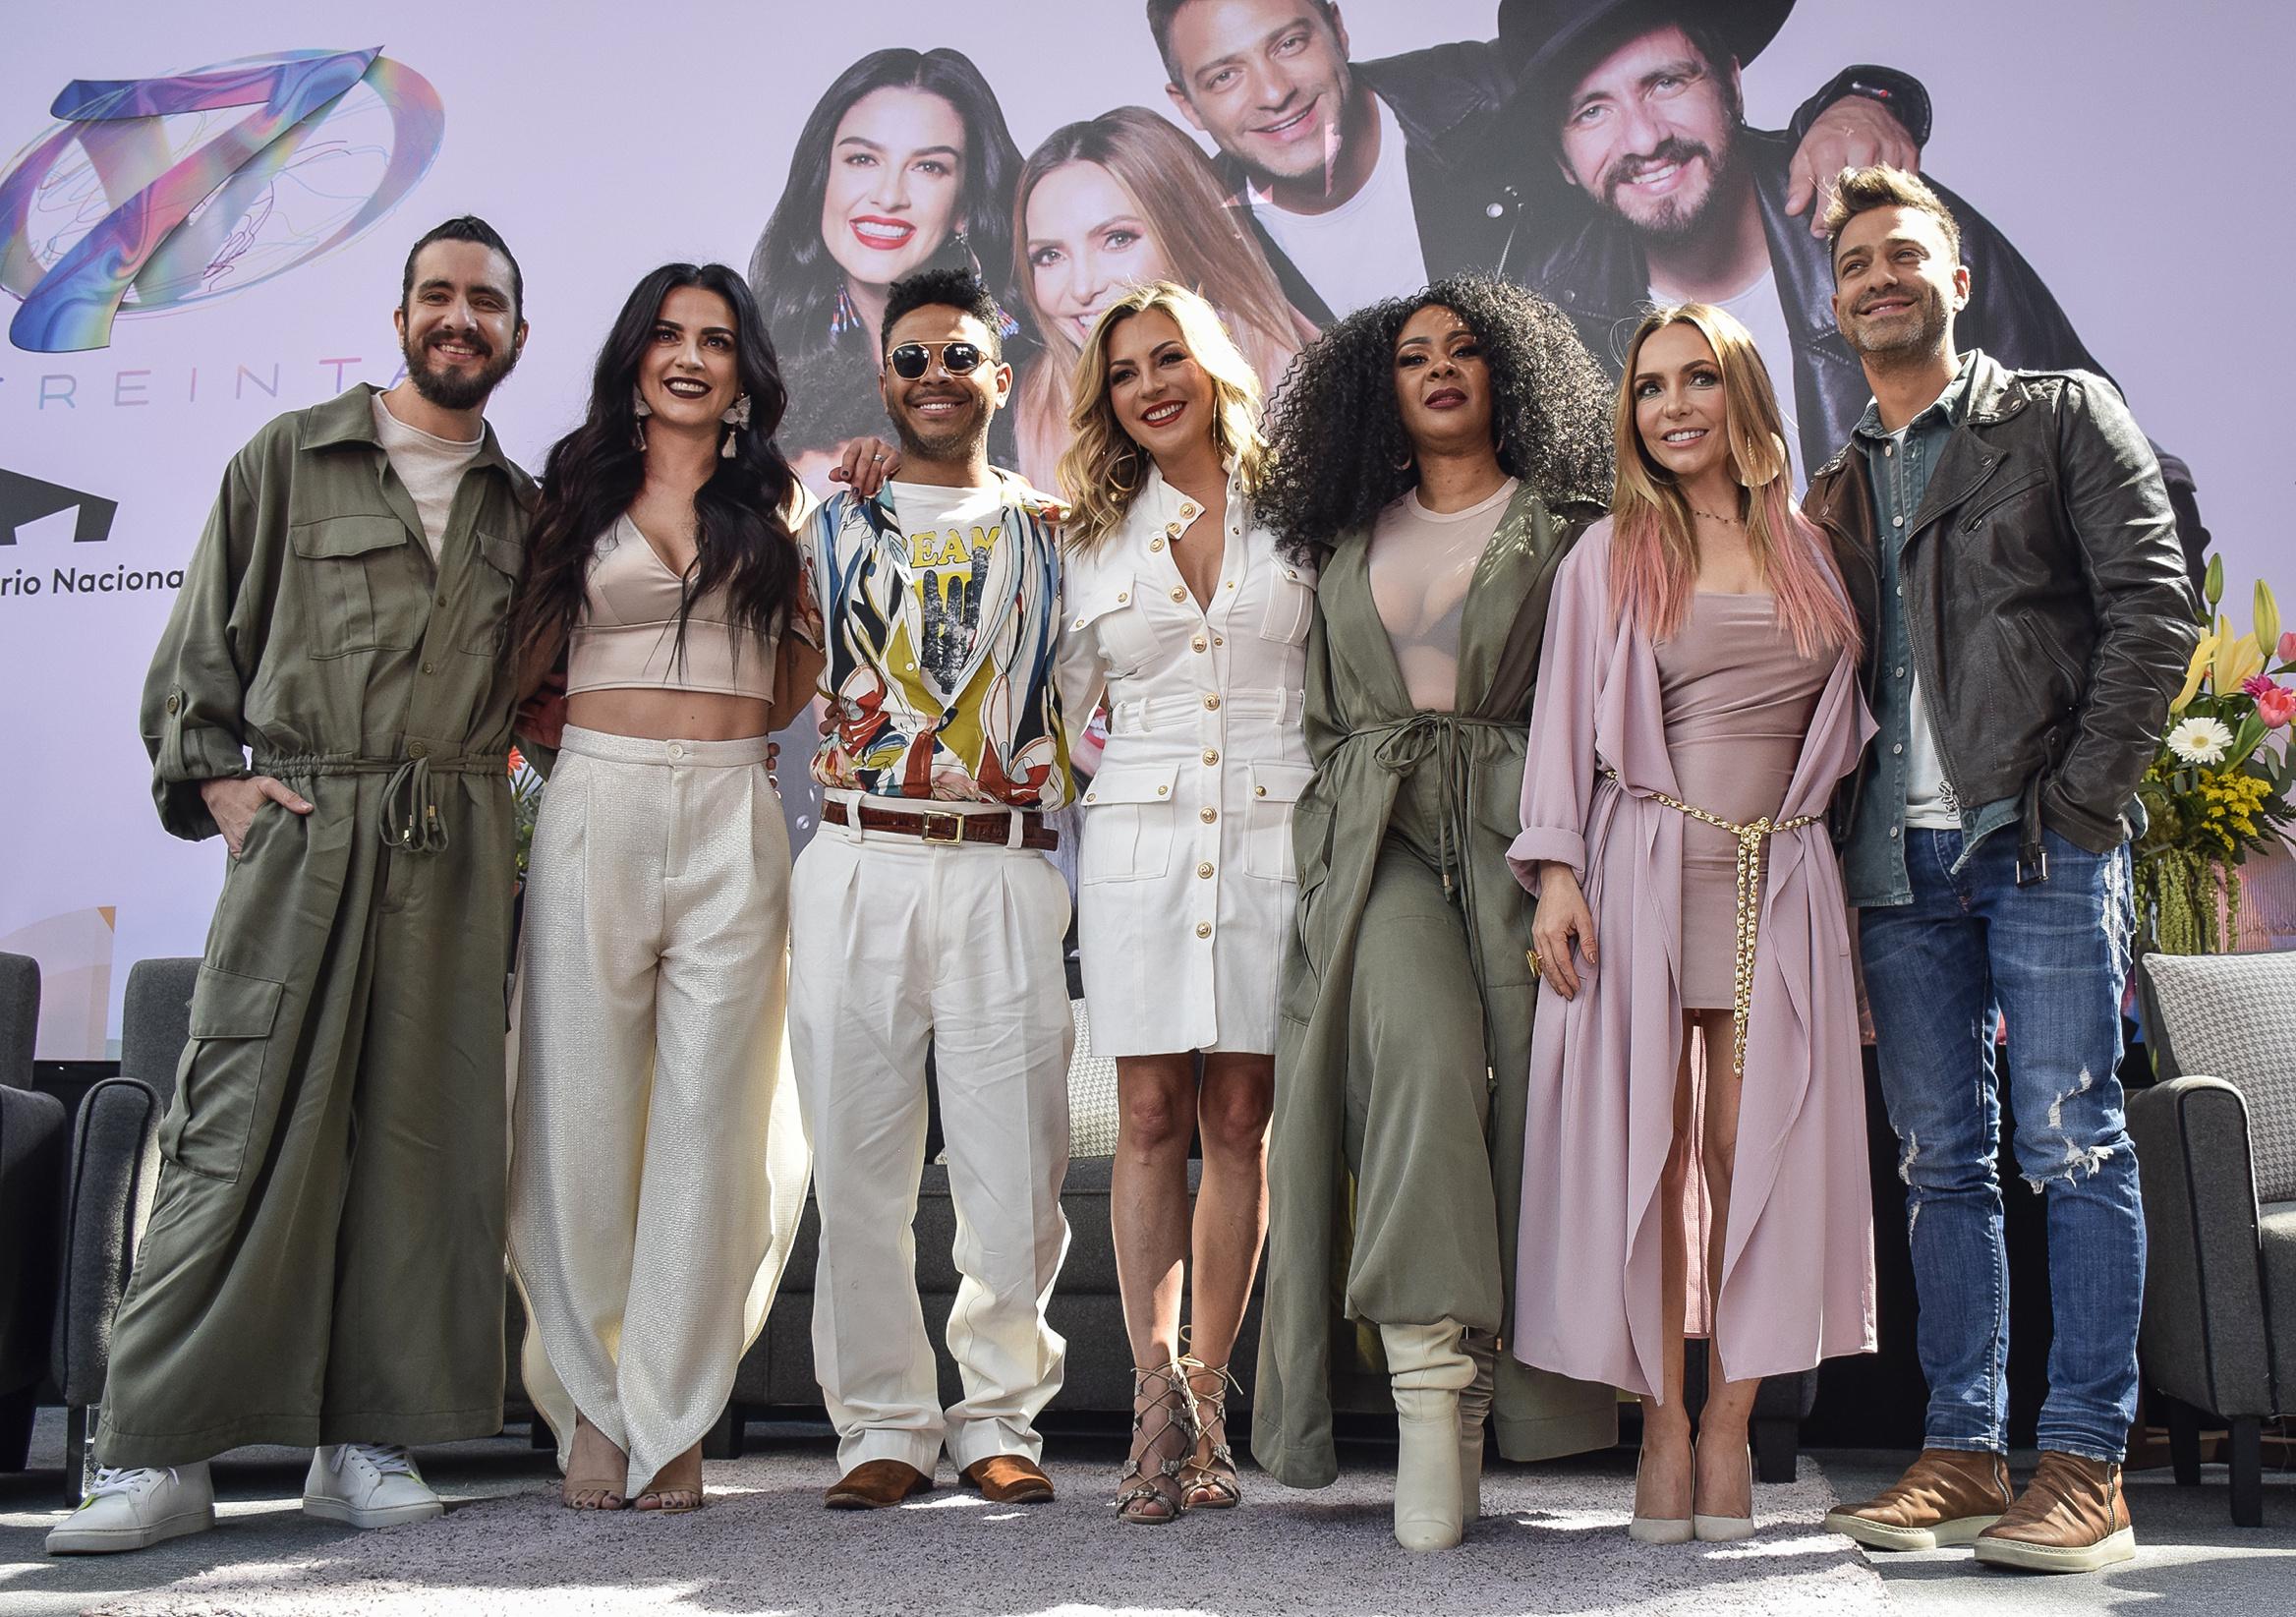 OV7 celebrará 30 aniversario con gira